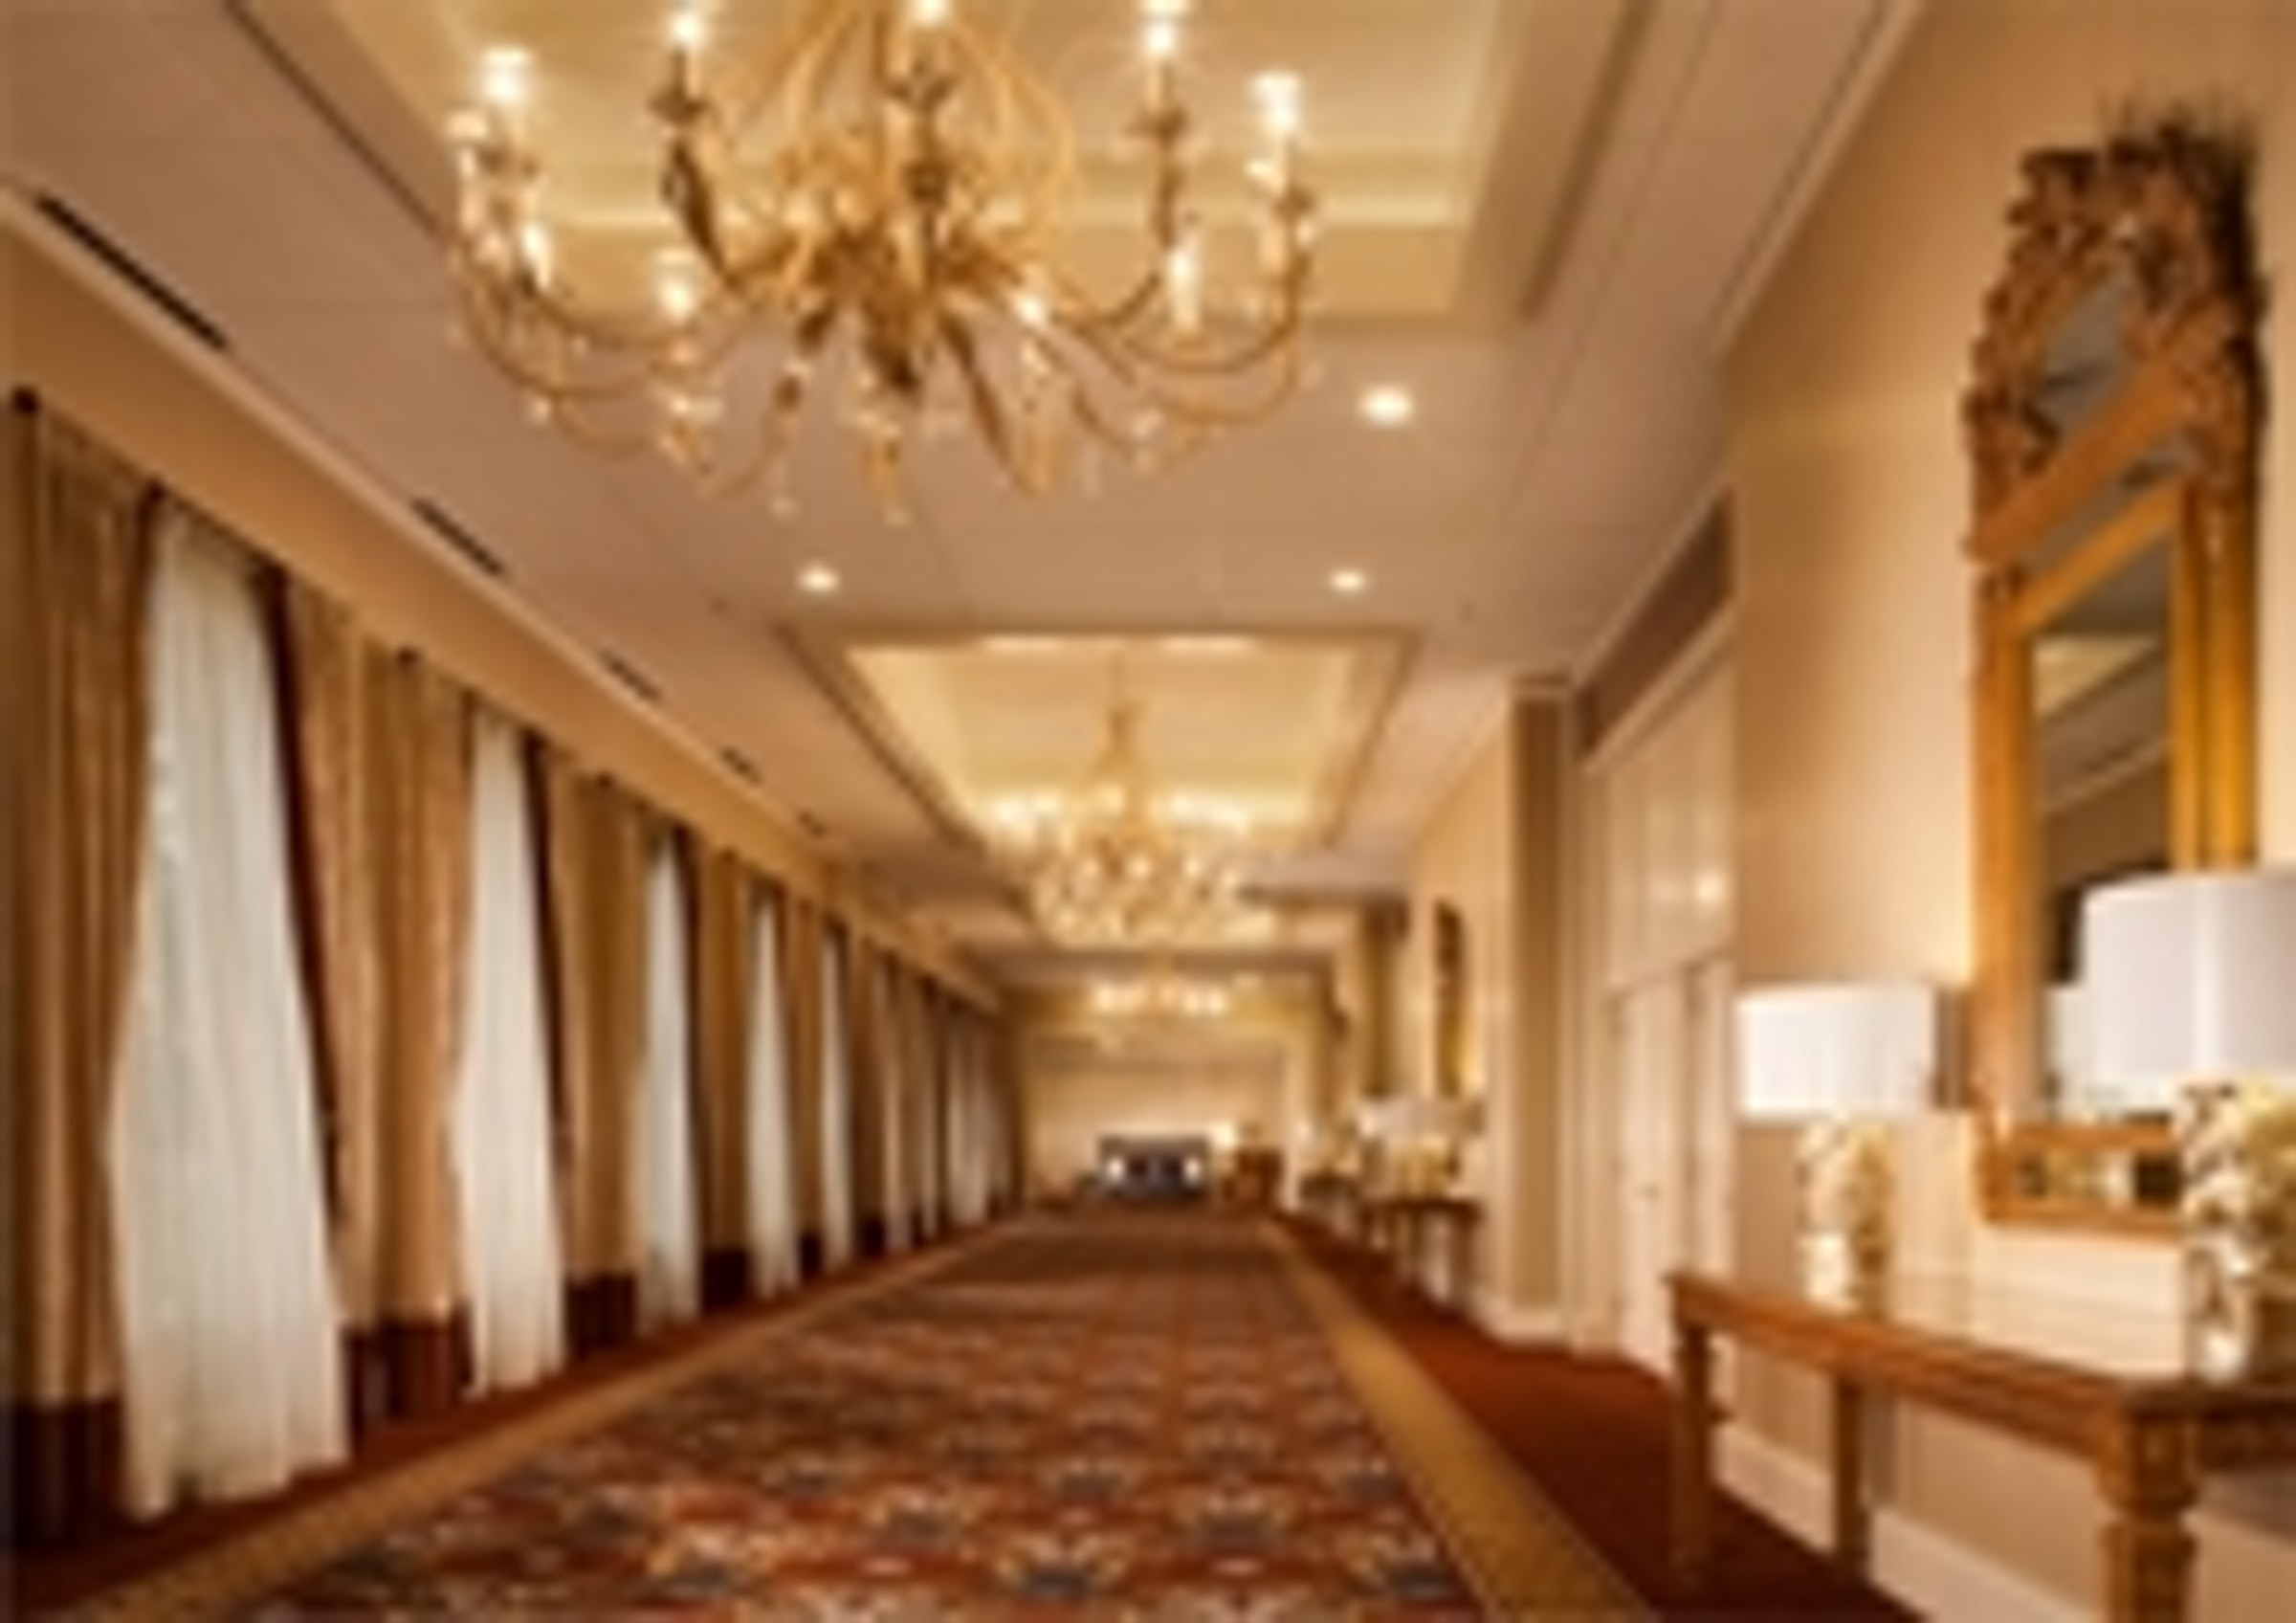 Omni Mandalay Hotel Las Colinas in Beyond Dallas